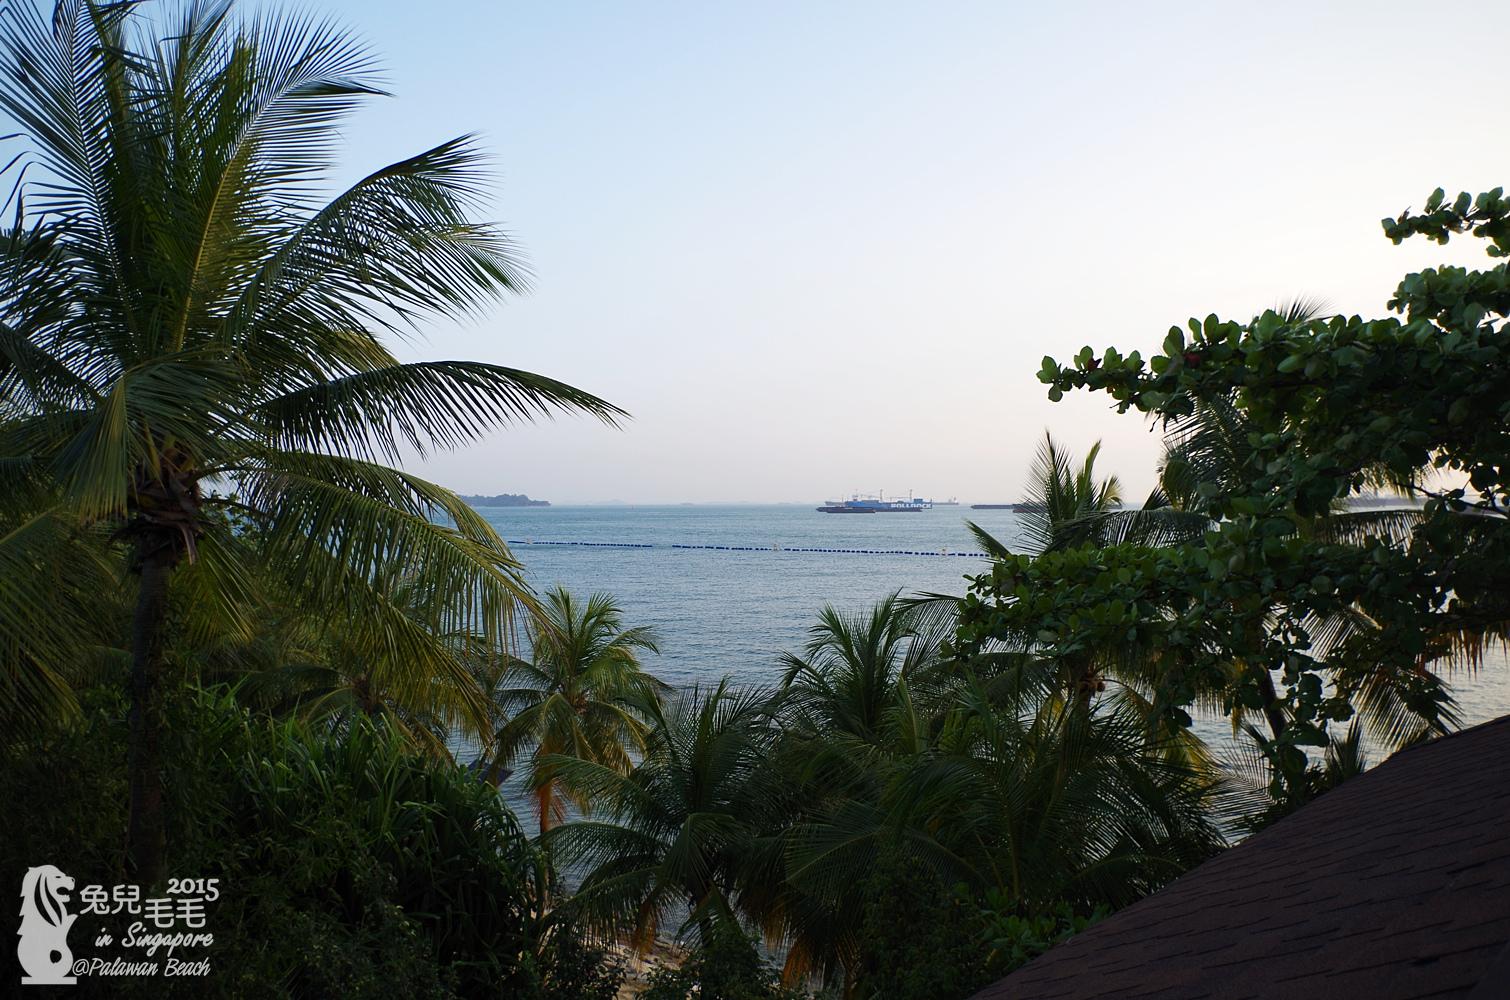 0215-palawan beach-22.jpg